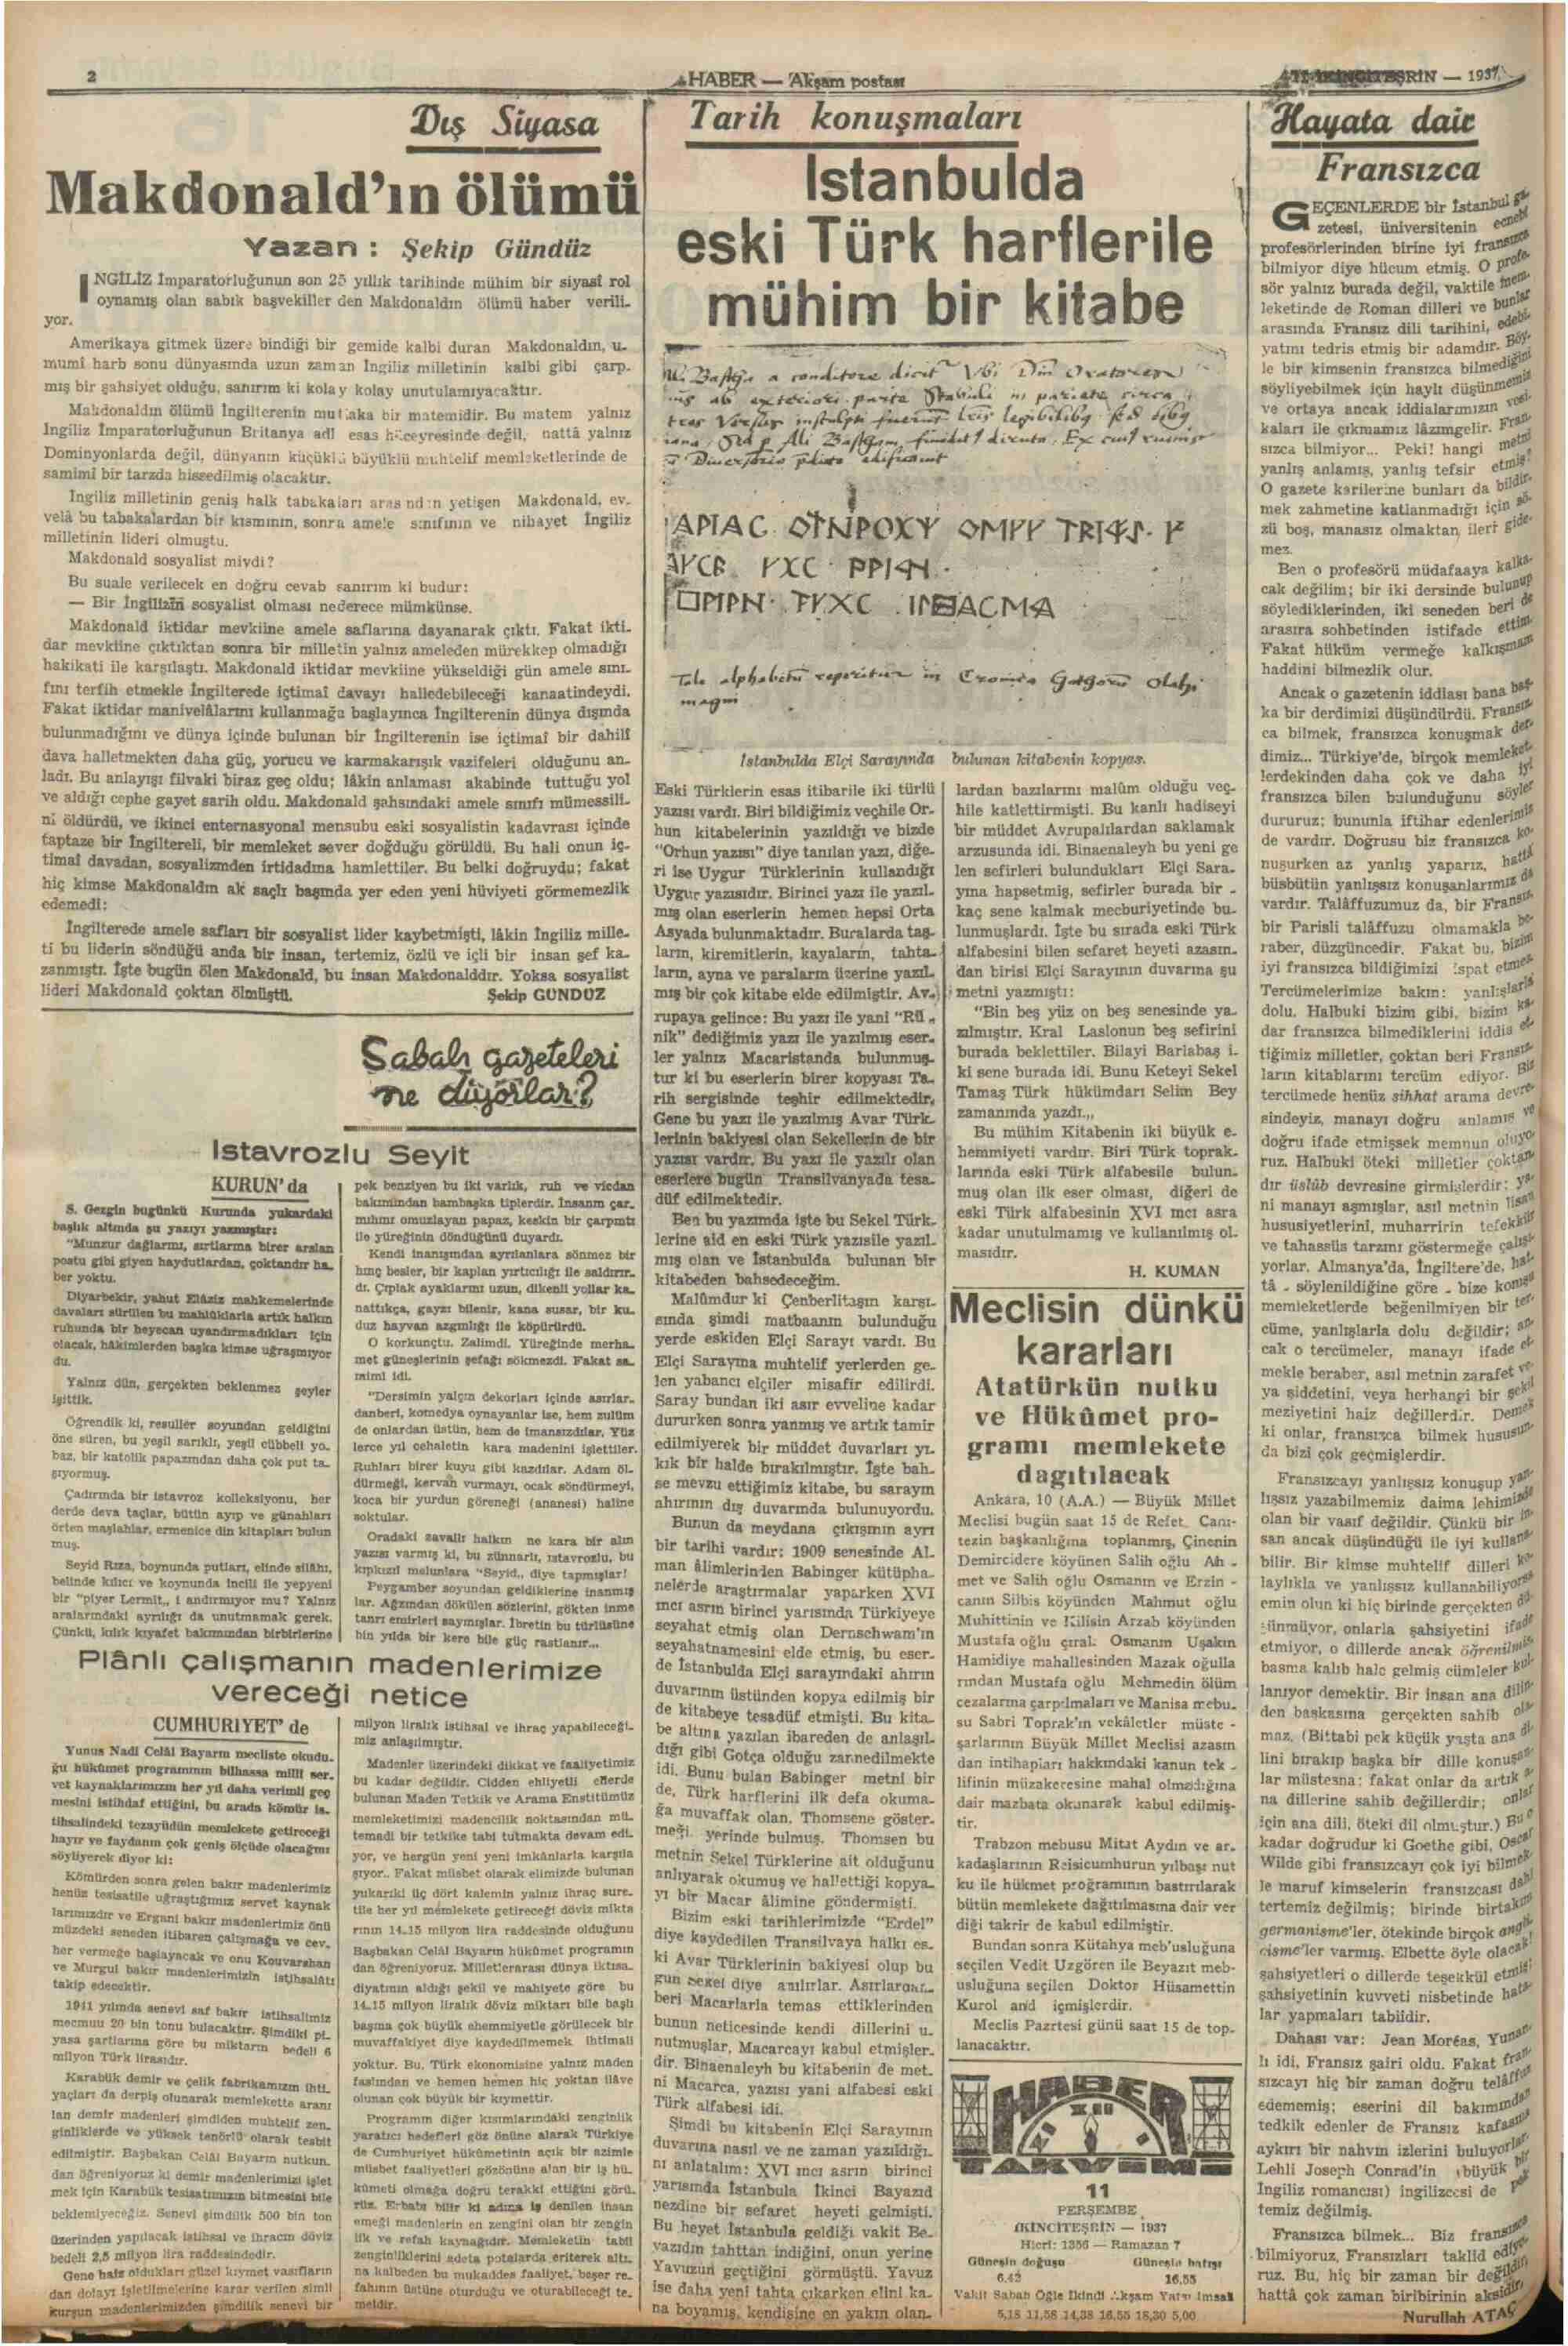 11 Kasım 1937 Tarihli Haber Gazetesi Sayfa 2